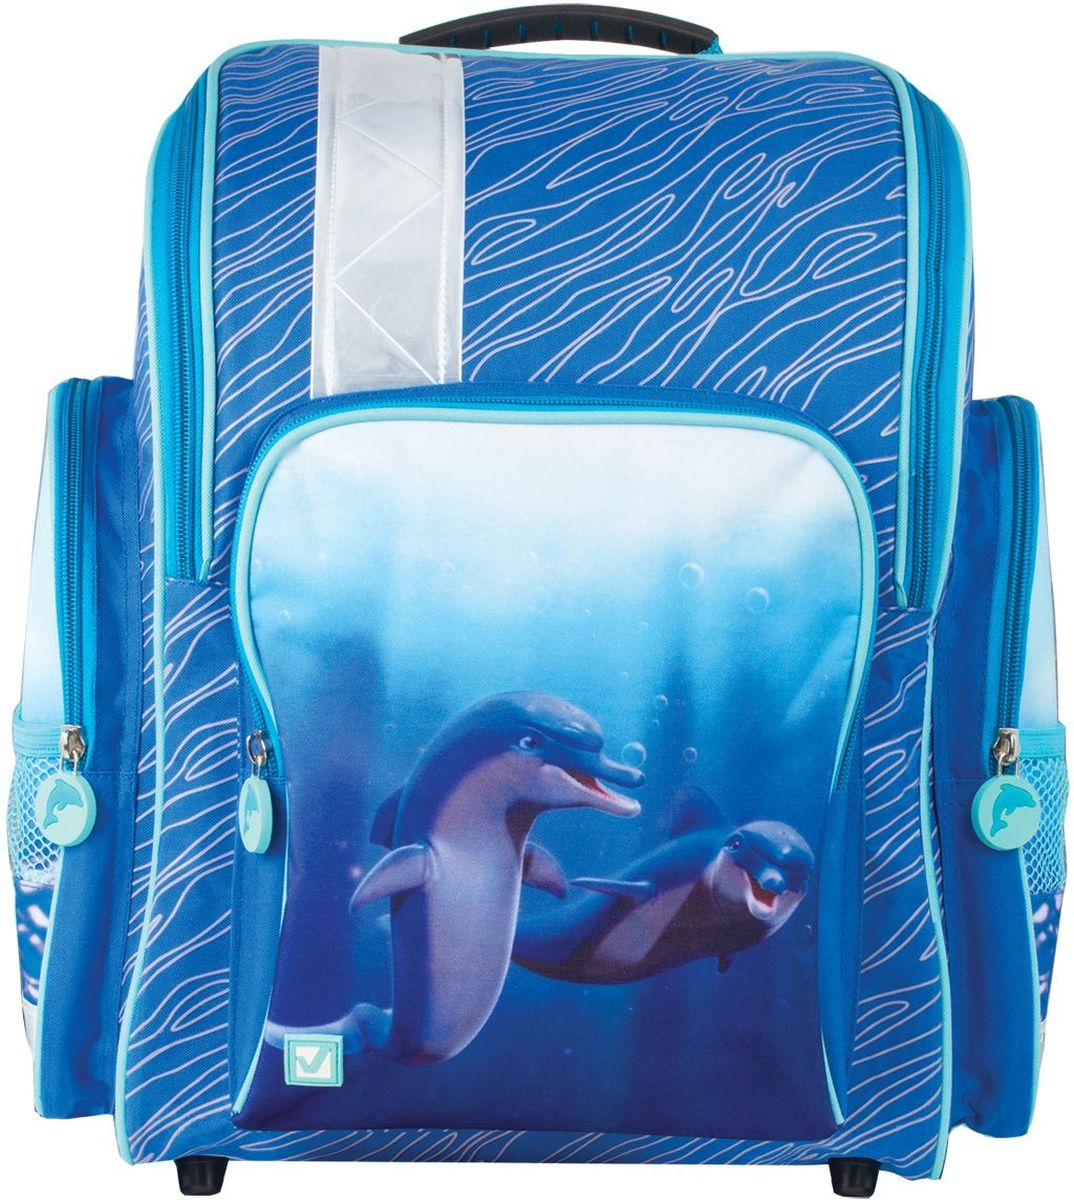 Brauberg Ранец школьный Дельфин226264Школьный ранец Brauberg Дельфин предназначен для девочек 7-10 лет. Оригинальная модель с морской тематикой станет универсальным спутником школьницы, а надежная конструкция ранца позволит не беспокоиться о сохранности содержимого.Содержит ранец одно вместительное отделение, закрывающееся на застежку-молнию с двумя бегунками, а также два боковых накладных кармана, закрывающиеся на молнии. Лицевая сторона оснащена накладным карманом на молнии.Формоустойчивая спинка из EVA. Мягкие анатомические лямки позволяют легко и быстро отрегулировать ранец в соответствии с ростом. Дно с пластиковыми ножками обеспечивает ранцу хорошую устойчивость. Светоотражающие элементы не оставят незамеченным вашего ребенка в темное время суток.